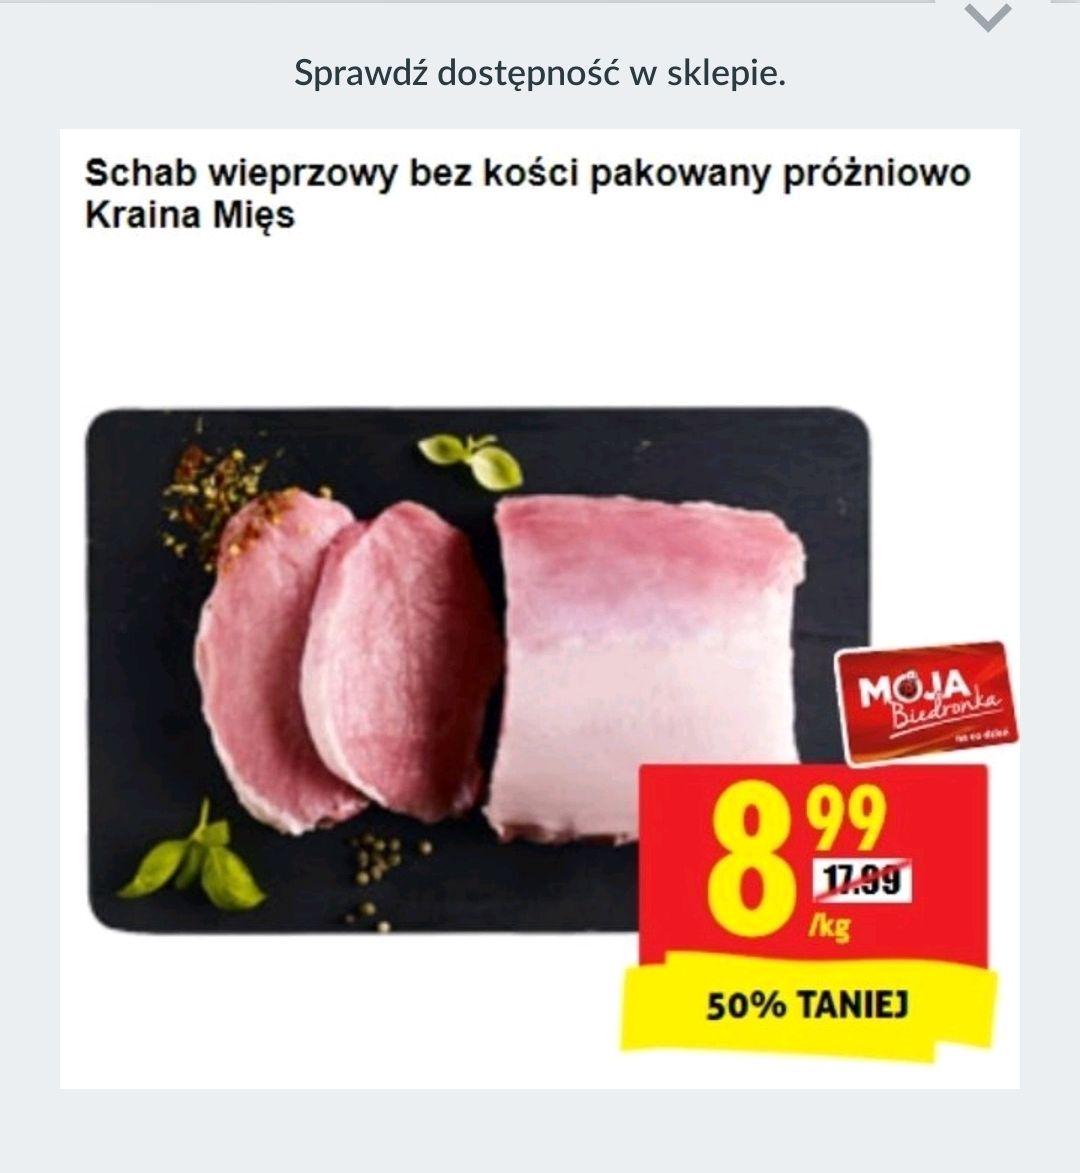 Biedronka, schab wieprzowy pakowany próżniowo cena za 1kg